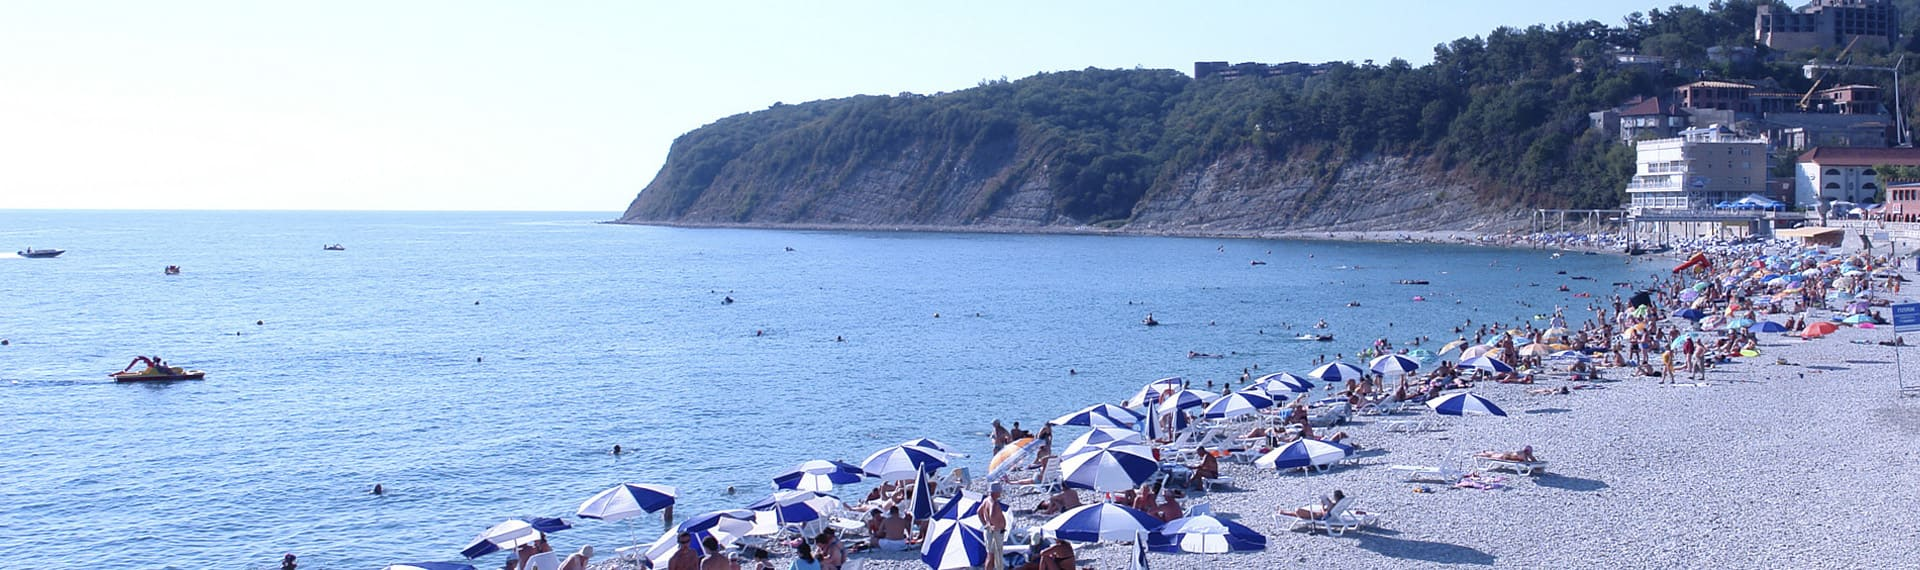 Отель Лелюкс, Ольгинка, Туапсе семейный отдых с детьми на Черном море